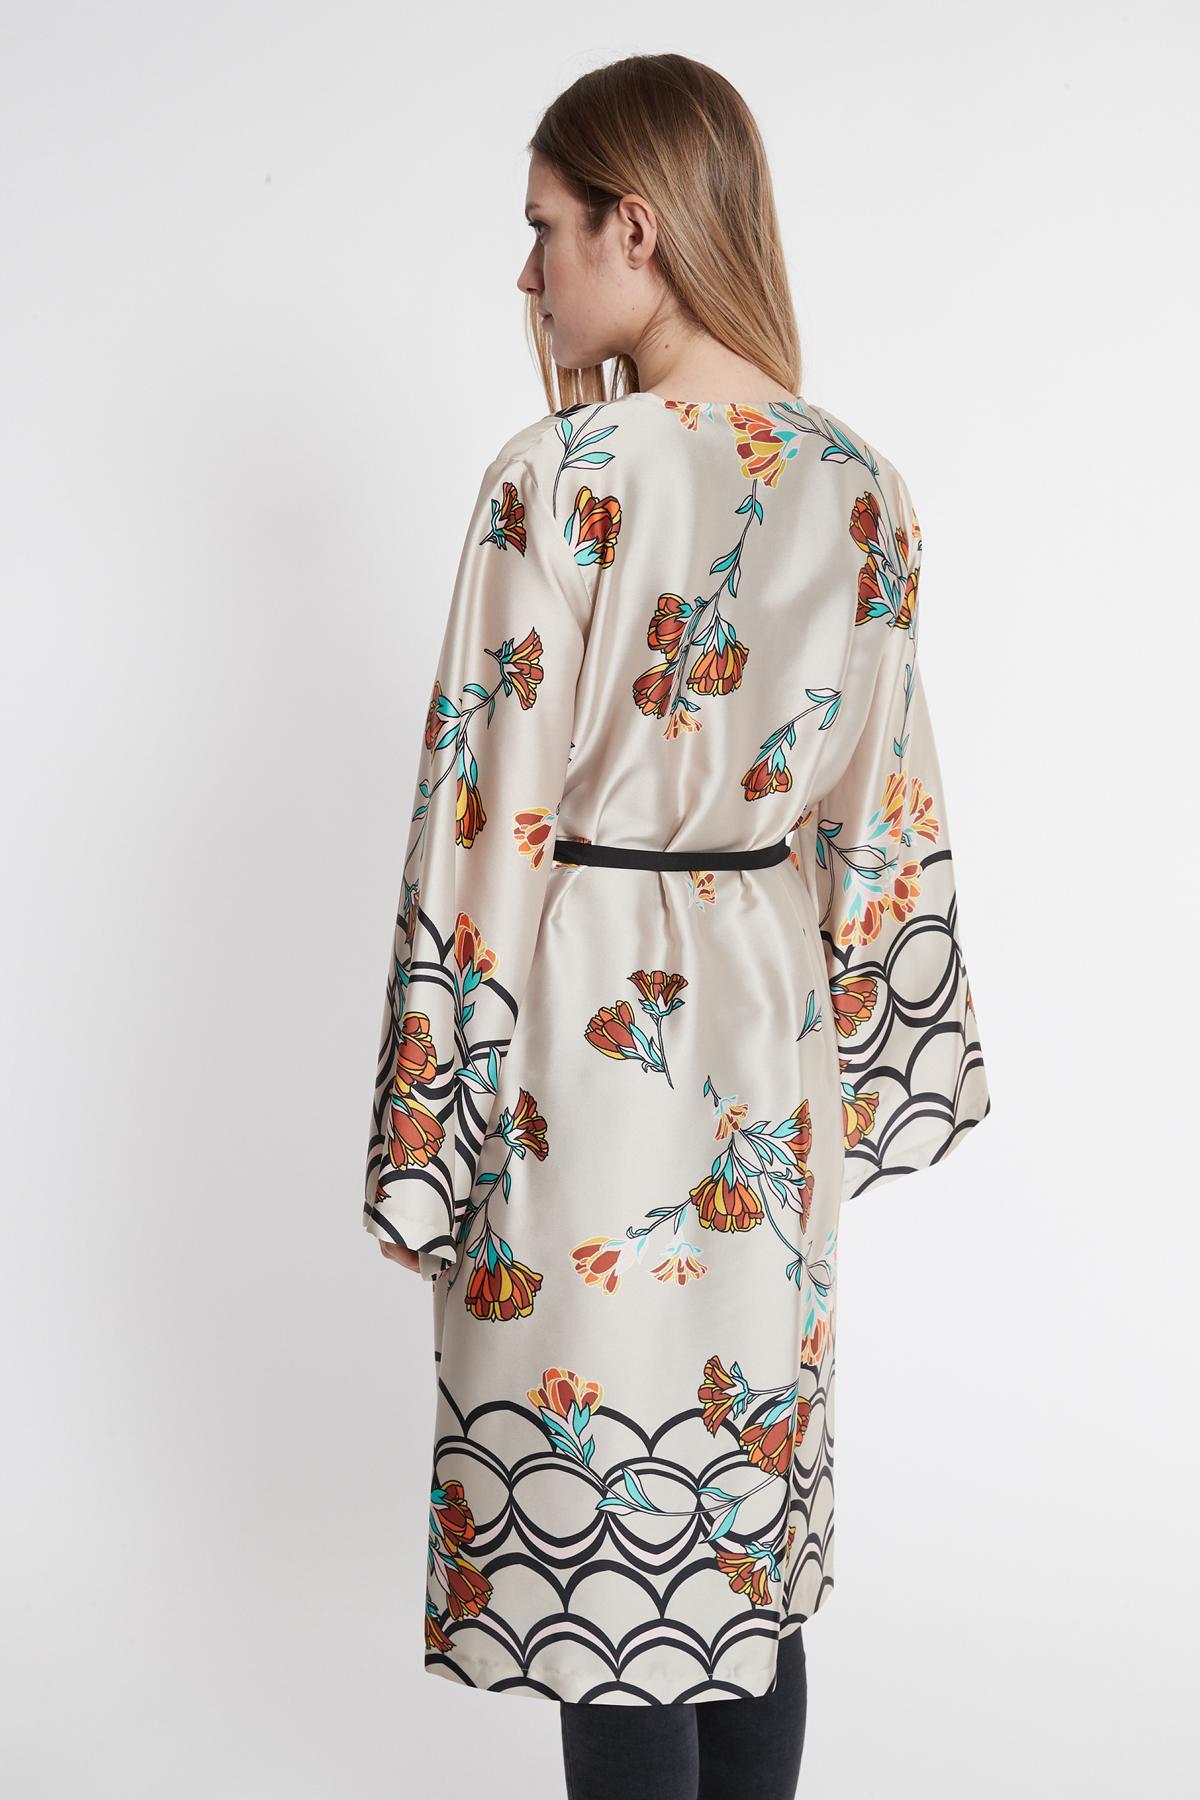 Rückansicht von Ana Alcazar Kimono Sefomea Beige  angezogen an Model